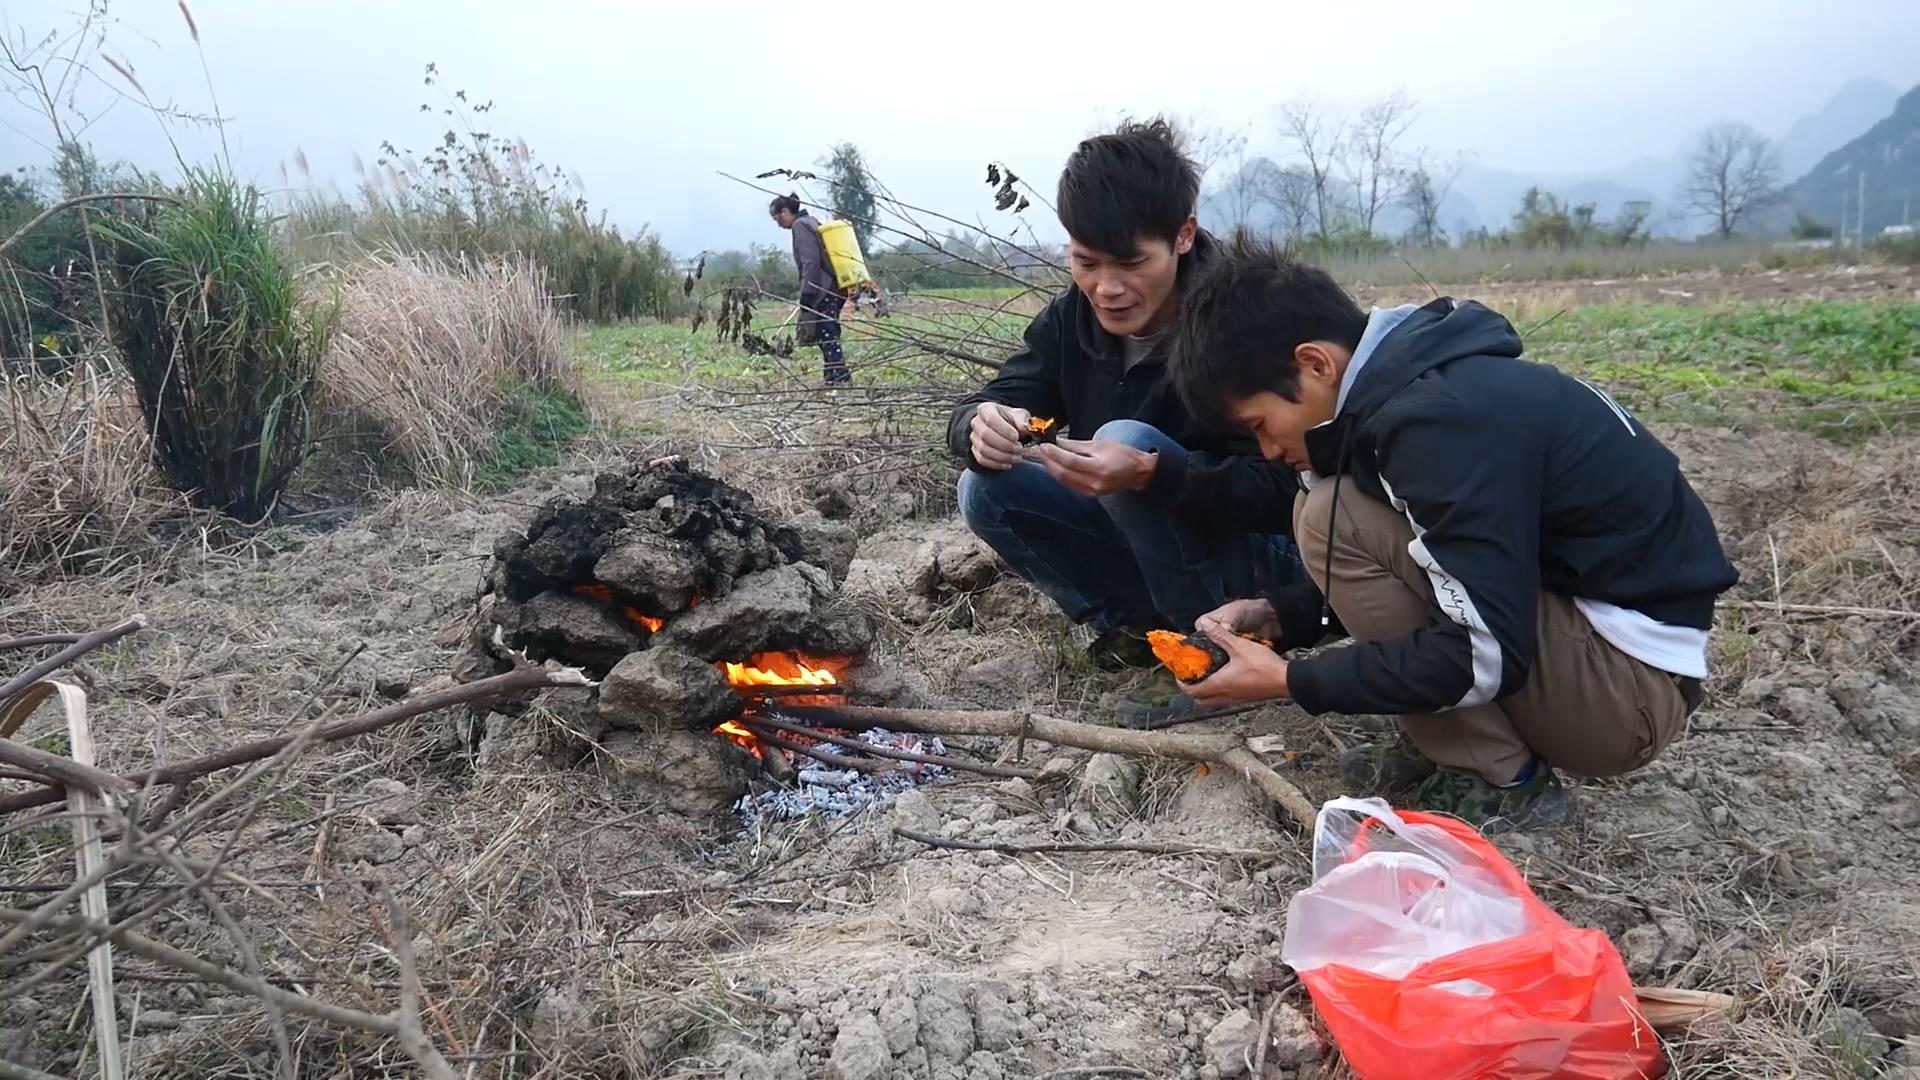 """红薯还可以这样吃?只见俩小伙用泥土砌了个""""碉堡"""",出土后真香"""